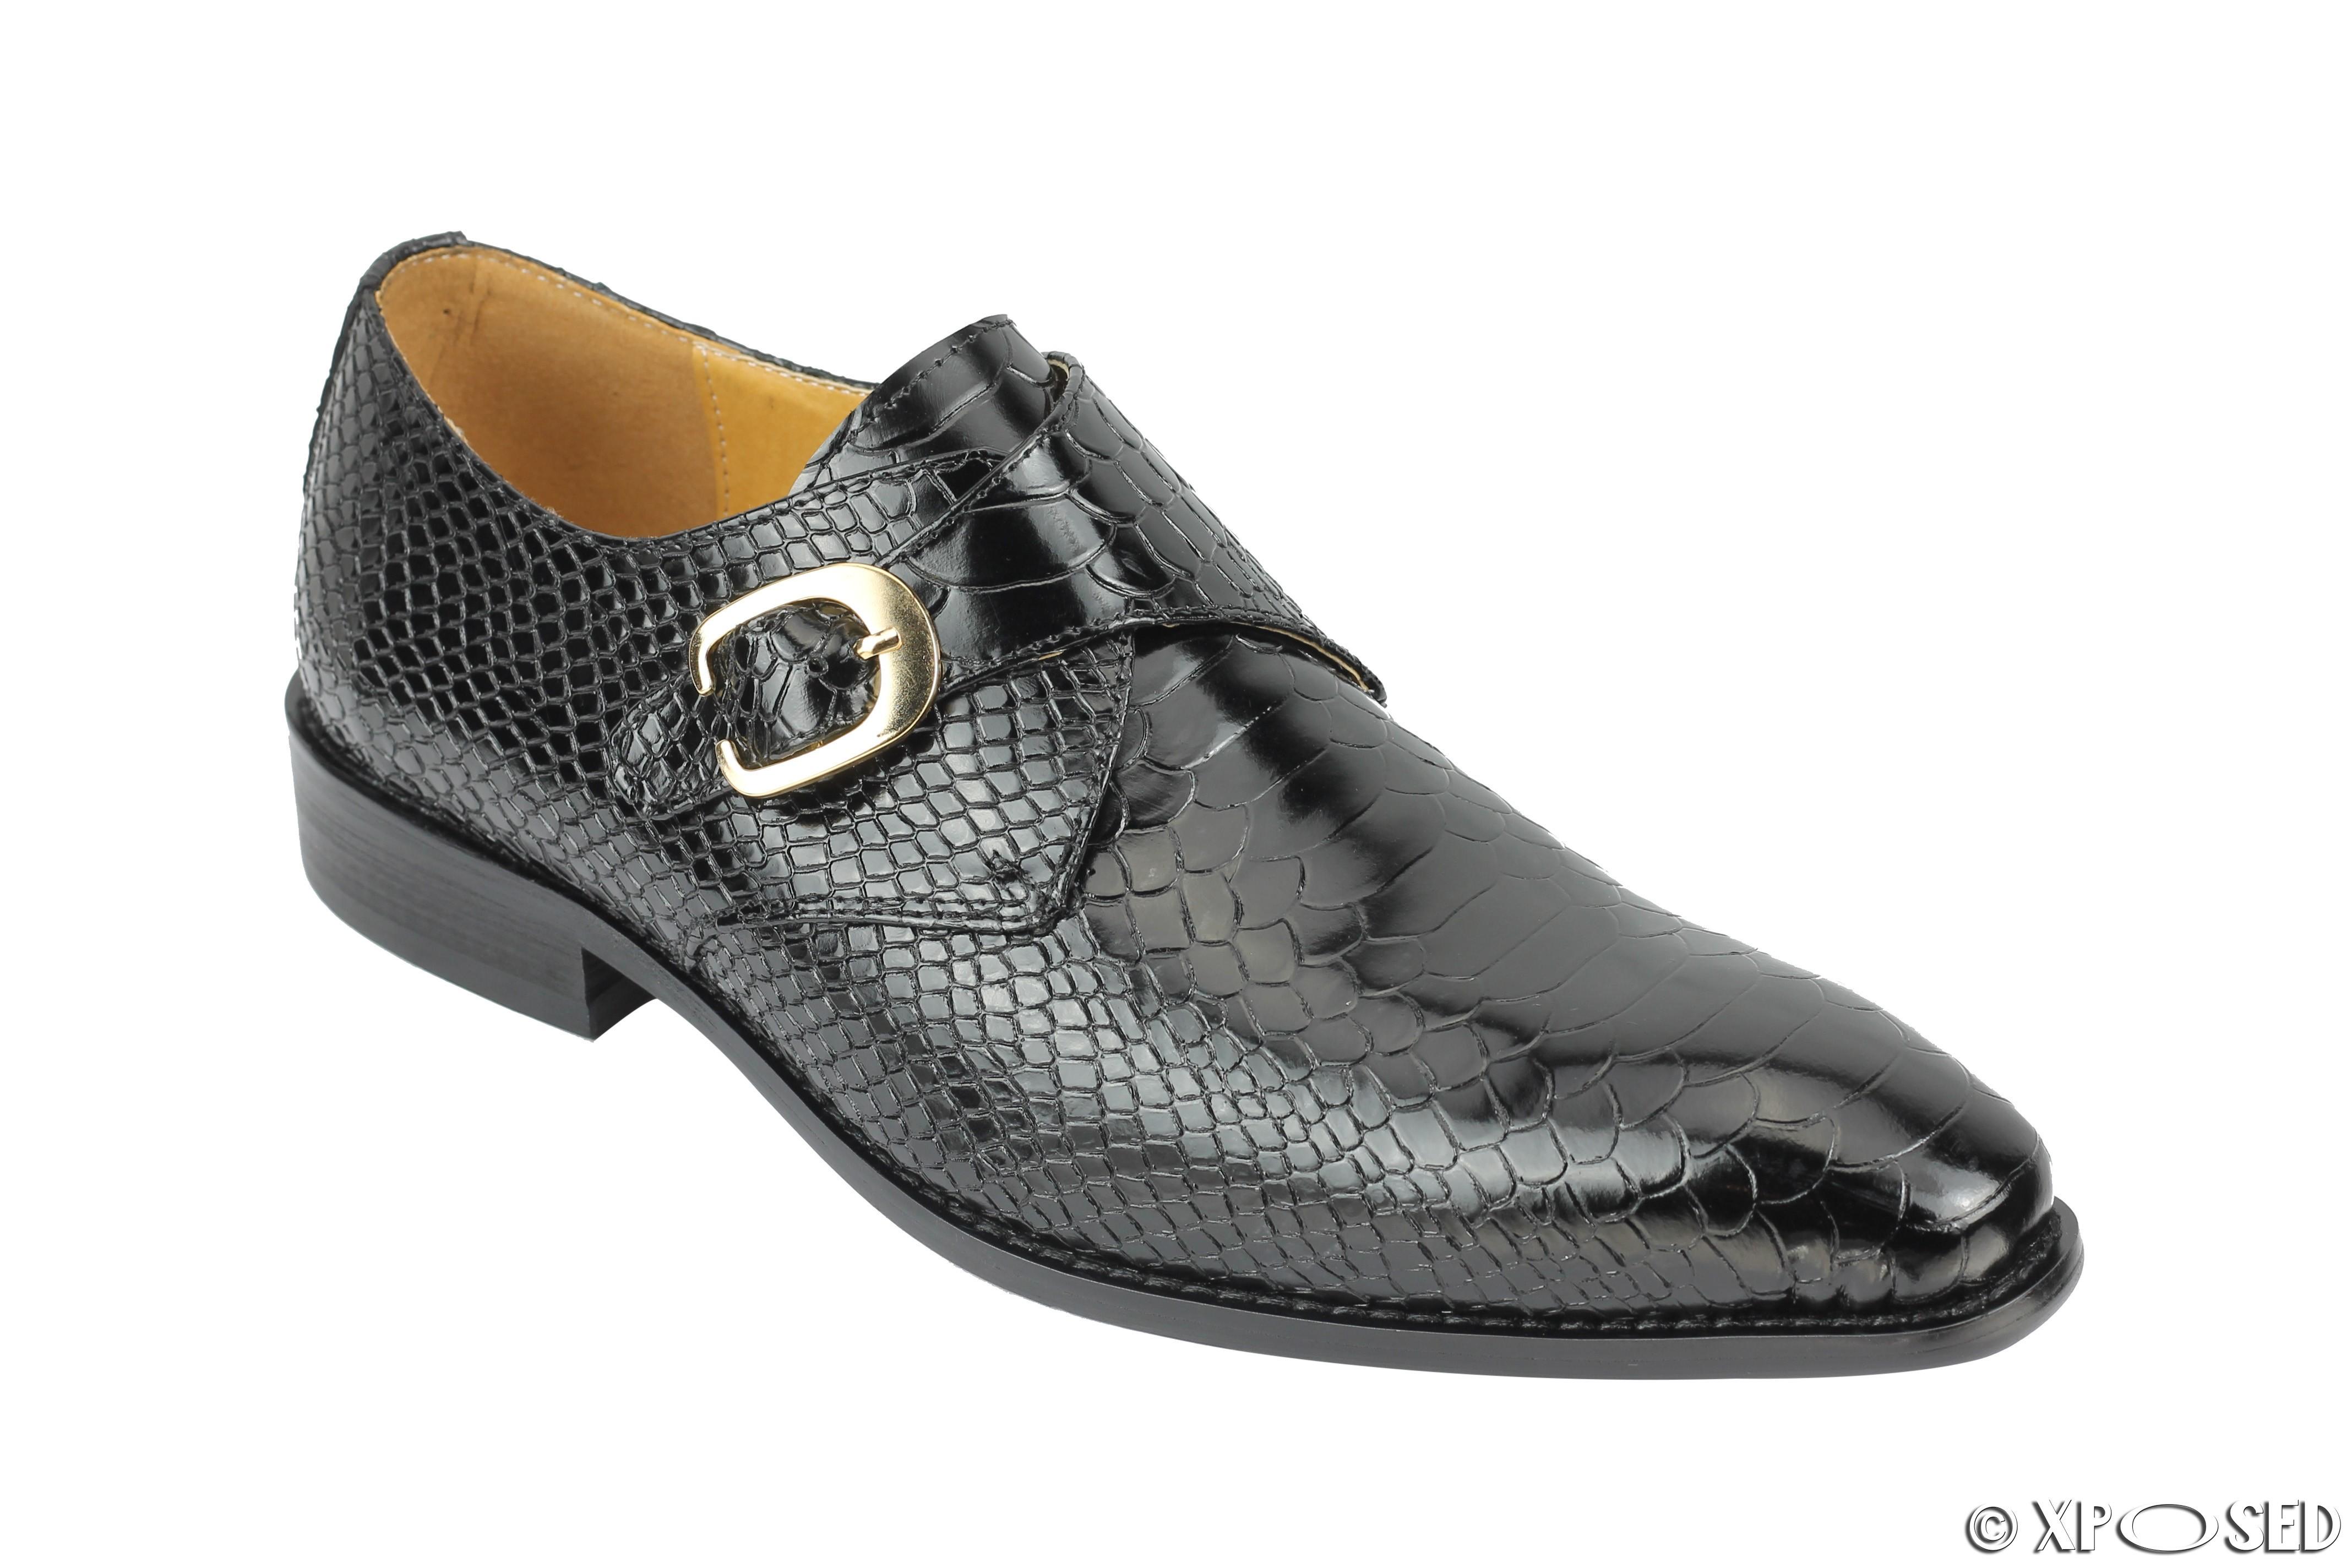 Mens Crocodile Shoes Ebay